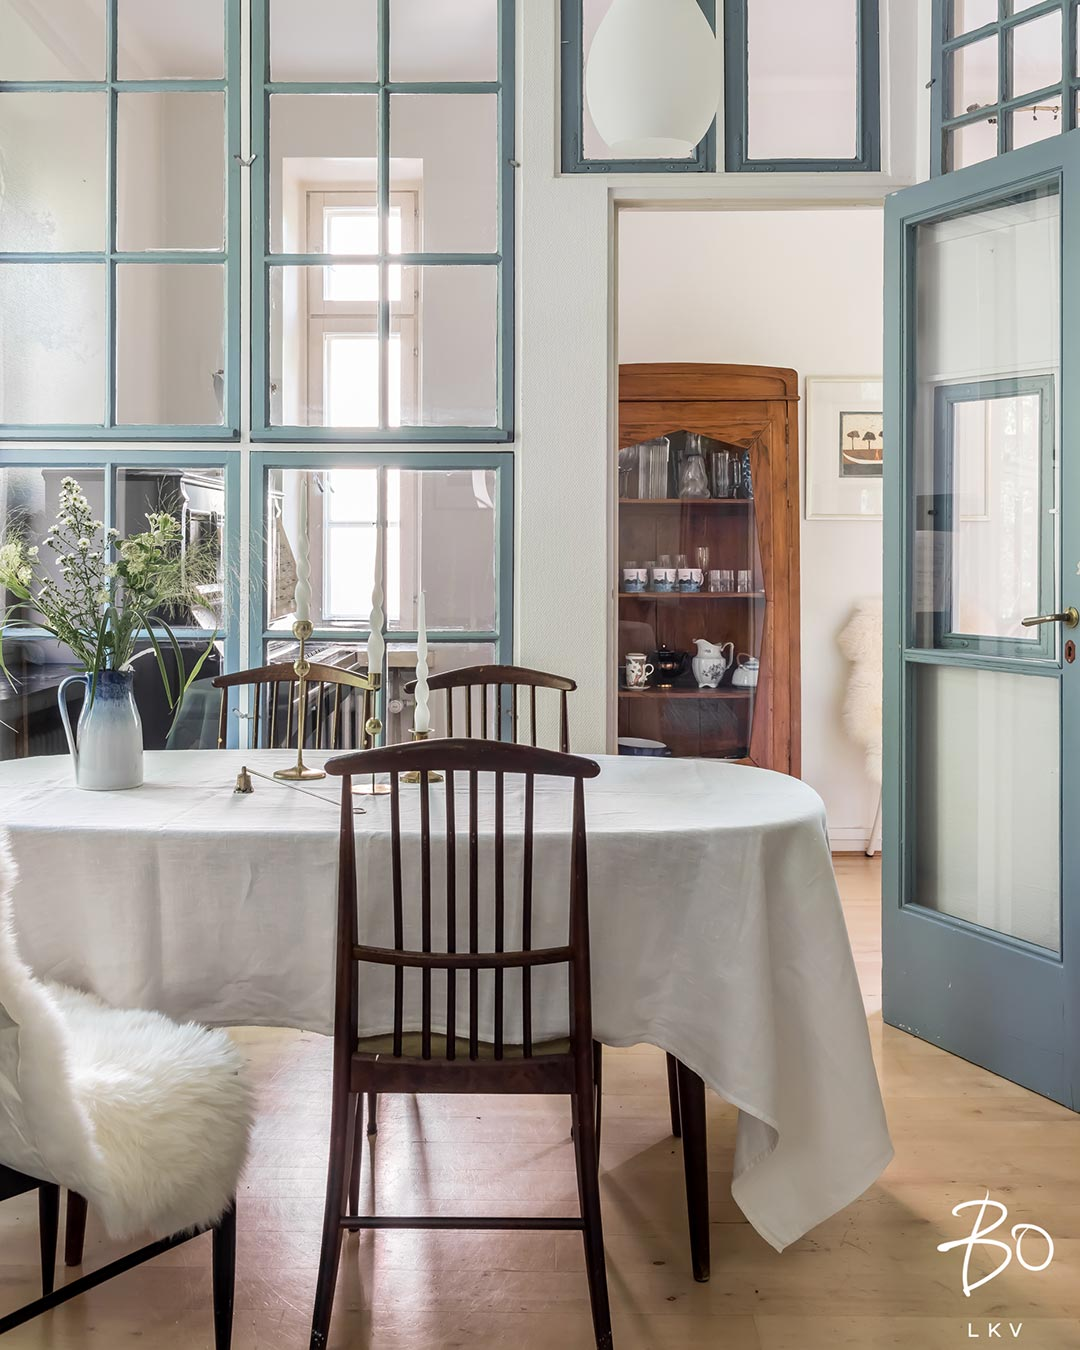 Marko Paananen suosittelee remontoimaan kodin rohkeasti itseä miellyttäväksi.